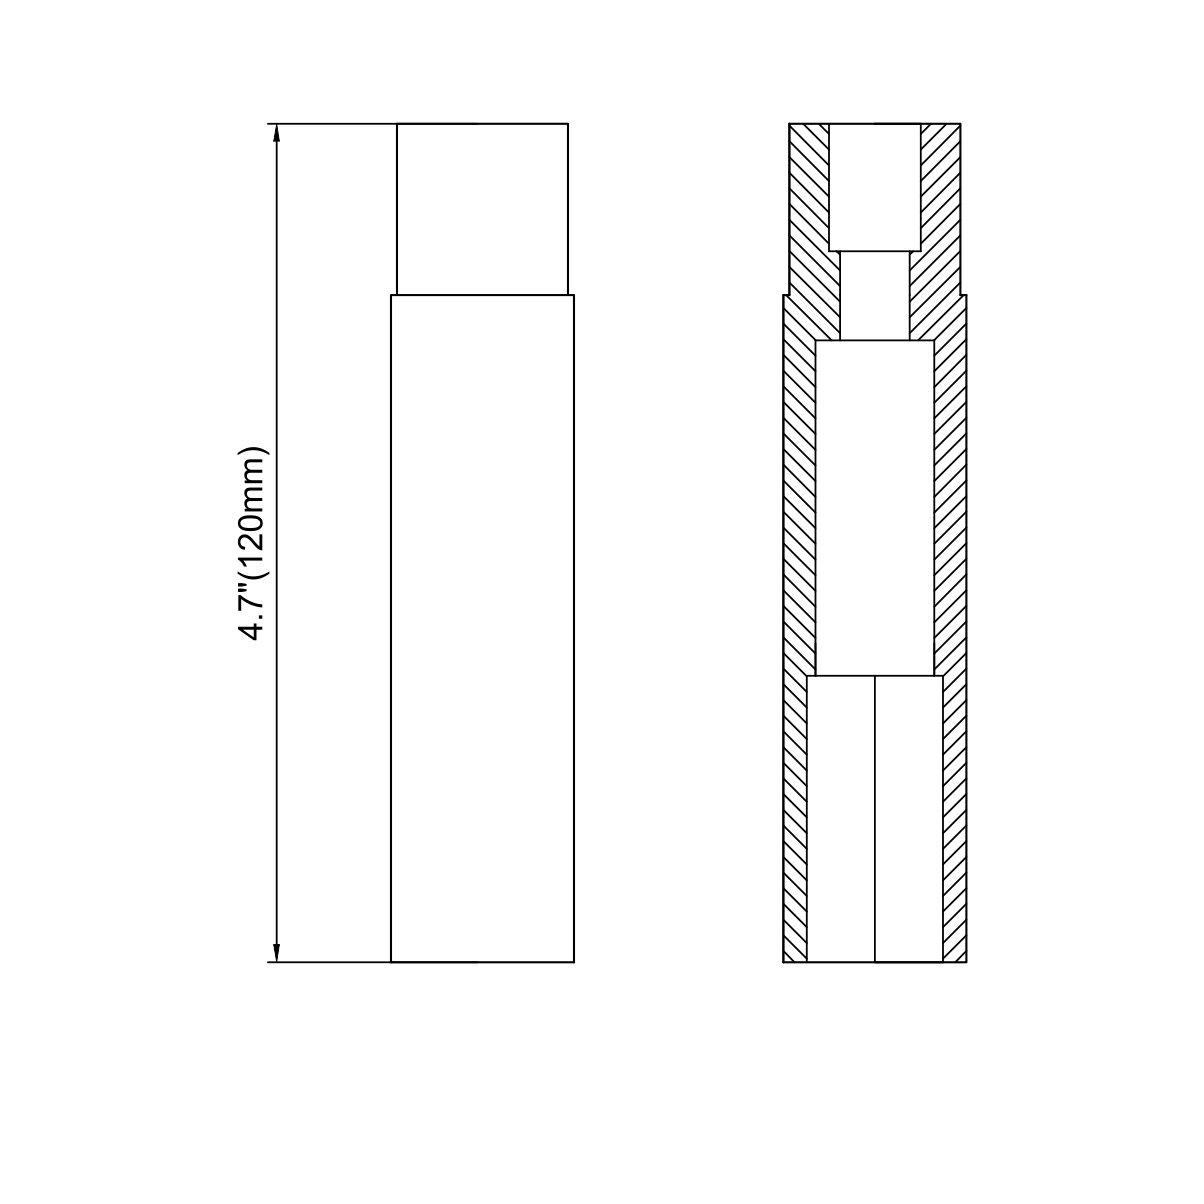 Dynofit 14mmx1.5 Wheel Spike Lug Nuts, 32 x Silver M14x1.5 Lug Nut, 4.4'' Tall Closed End Nuts with 1 Socket Key for Chevy Silverado GMC Sierra 1500 2500 3500, Ford F-250 F-350 2003-2016 by Dynofit (Image #6)